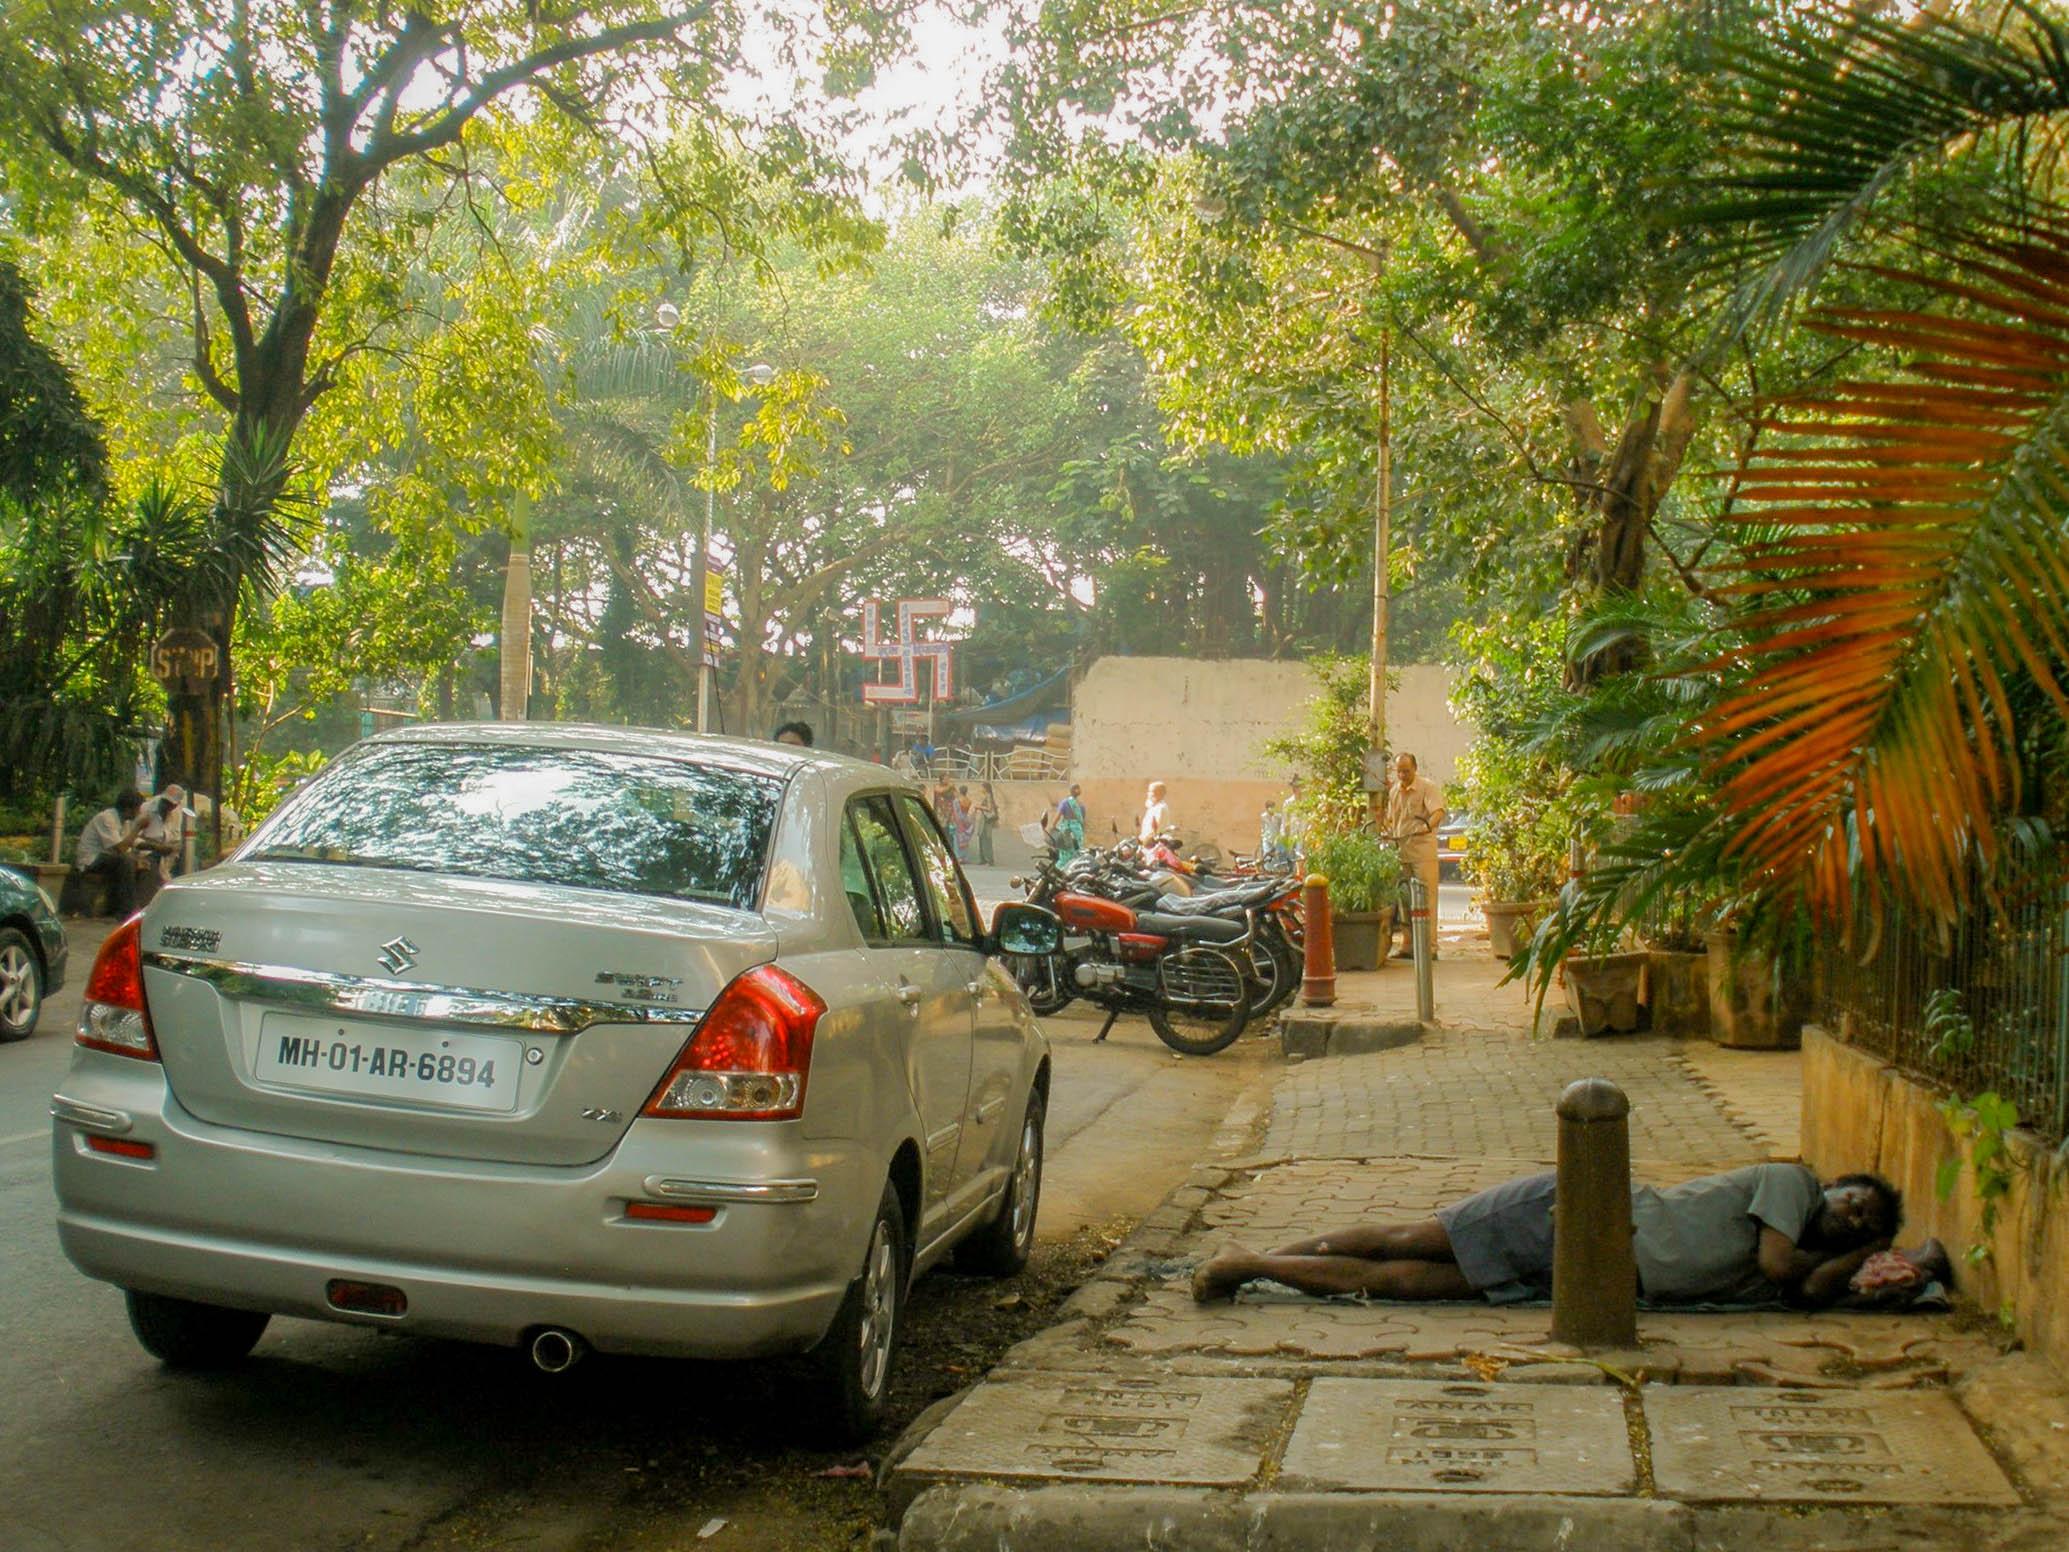 v-centre-mumbai